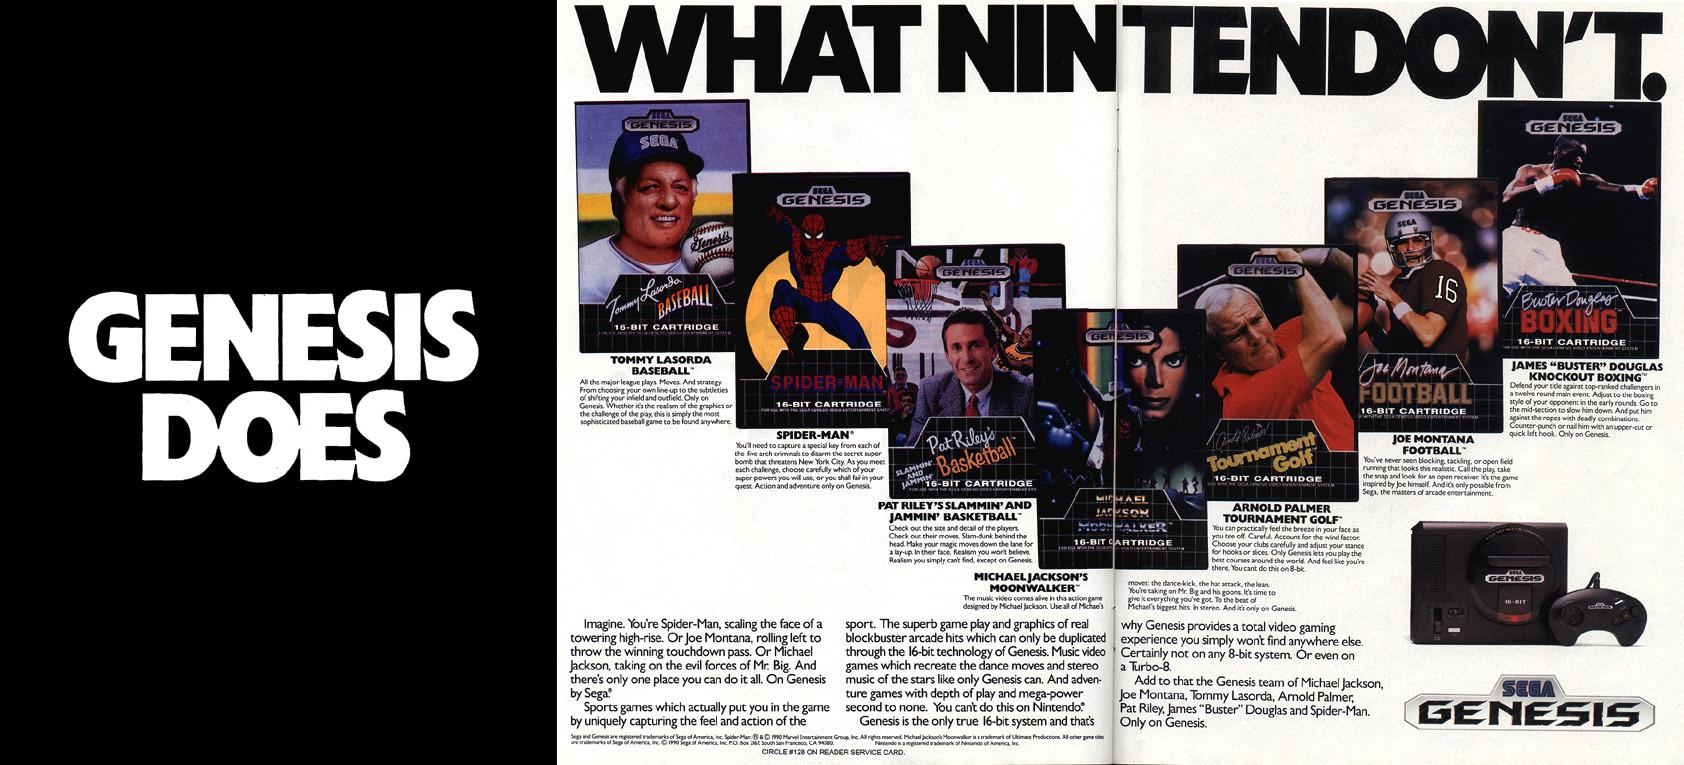 A SEGA fez uma agressiva campanha de marketing contra a Nintendo nos anos 1990